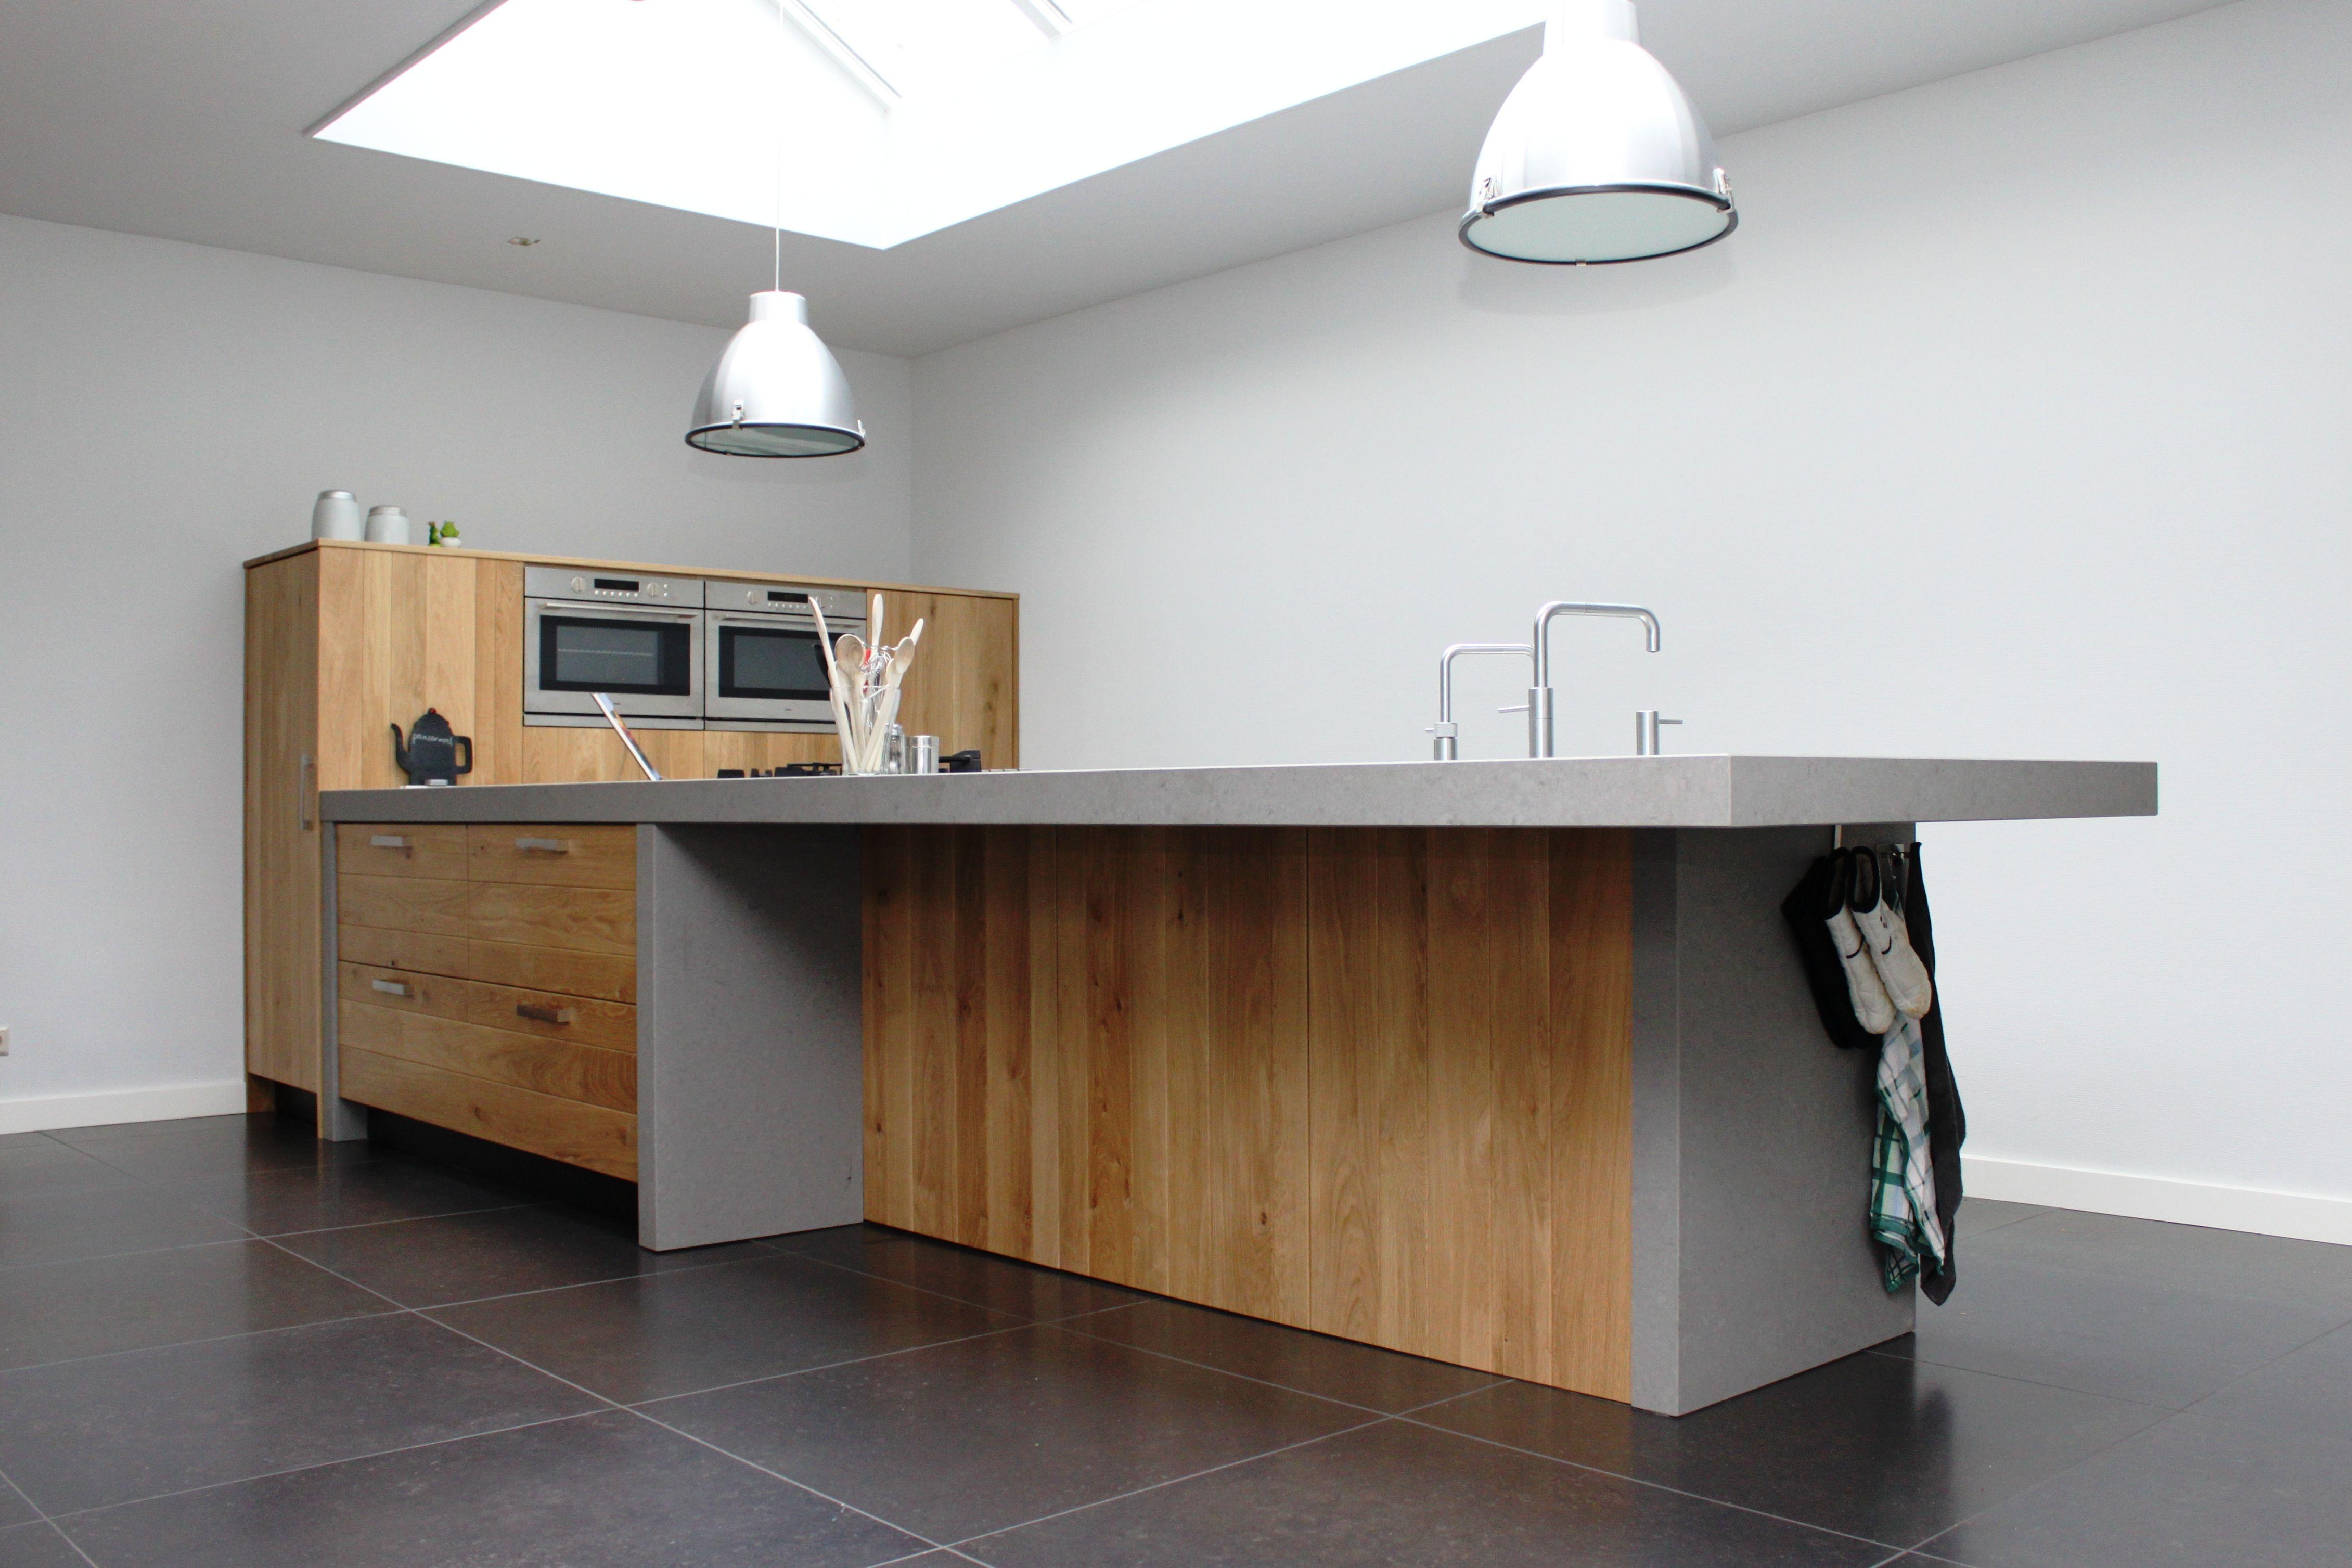 Keuken Houten Schiereiland : Modern eiken keuken prachtig schiereiland met veel opbergruimte